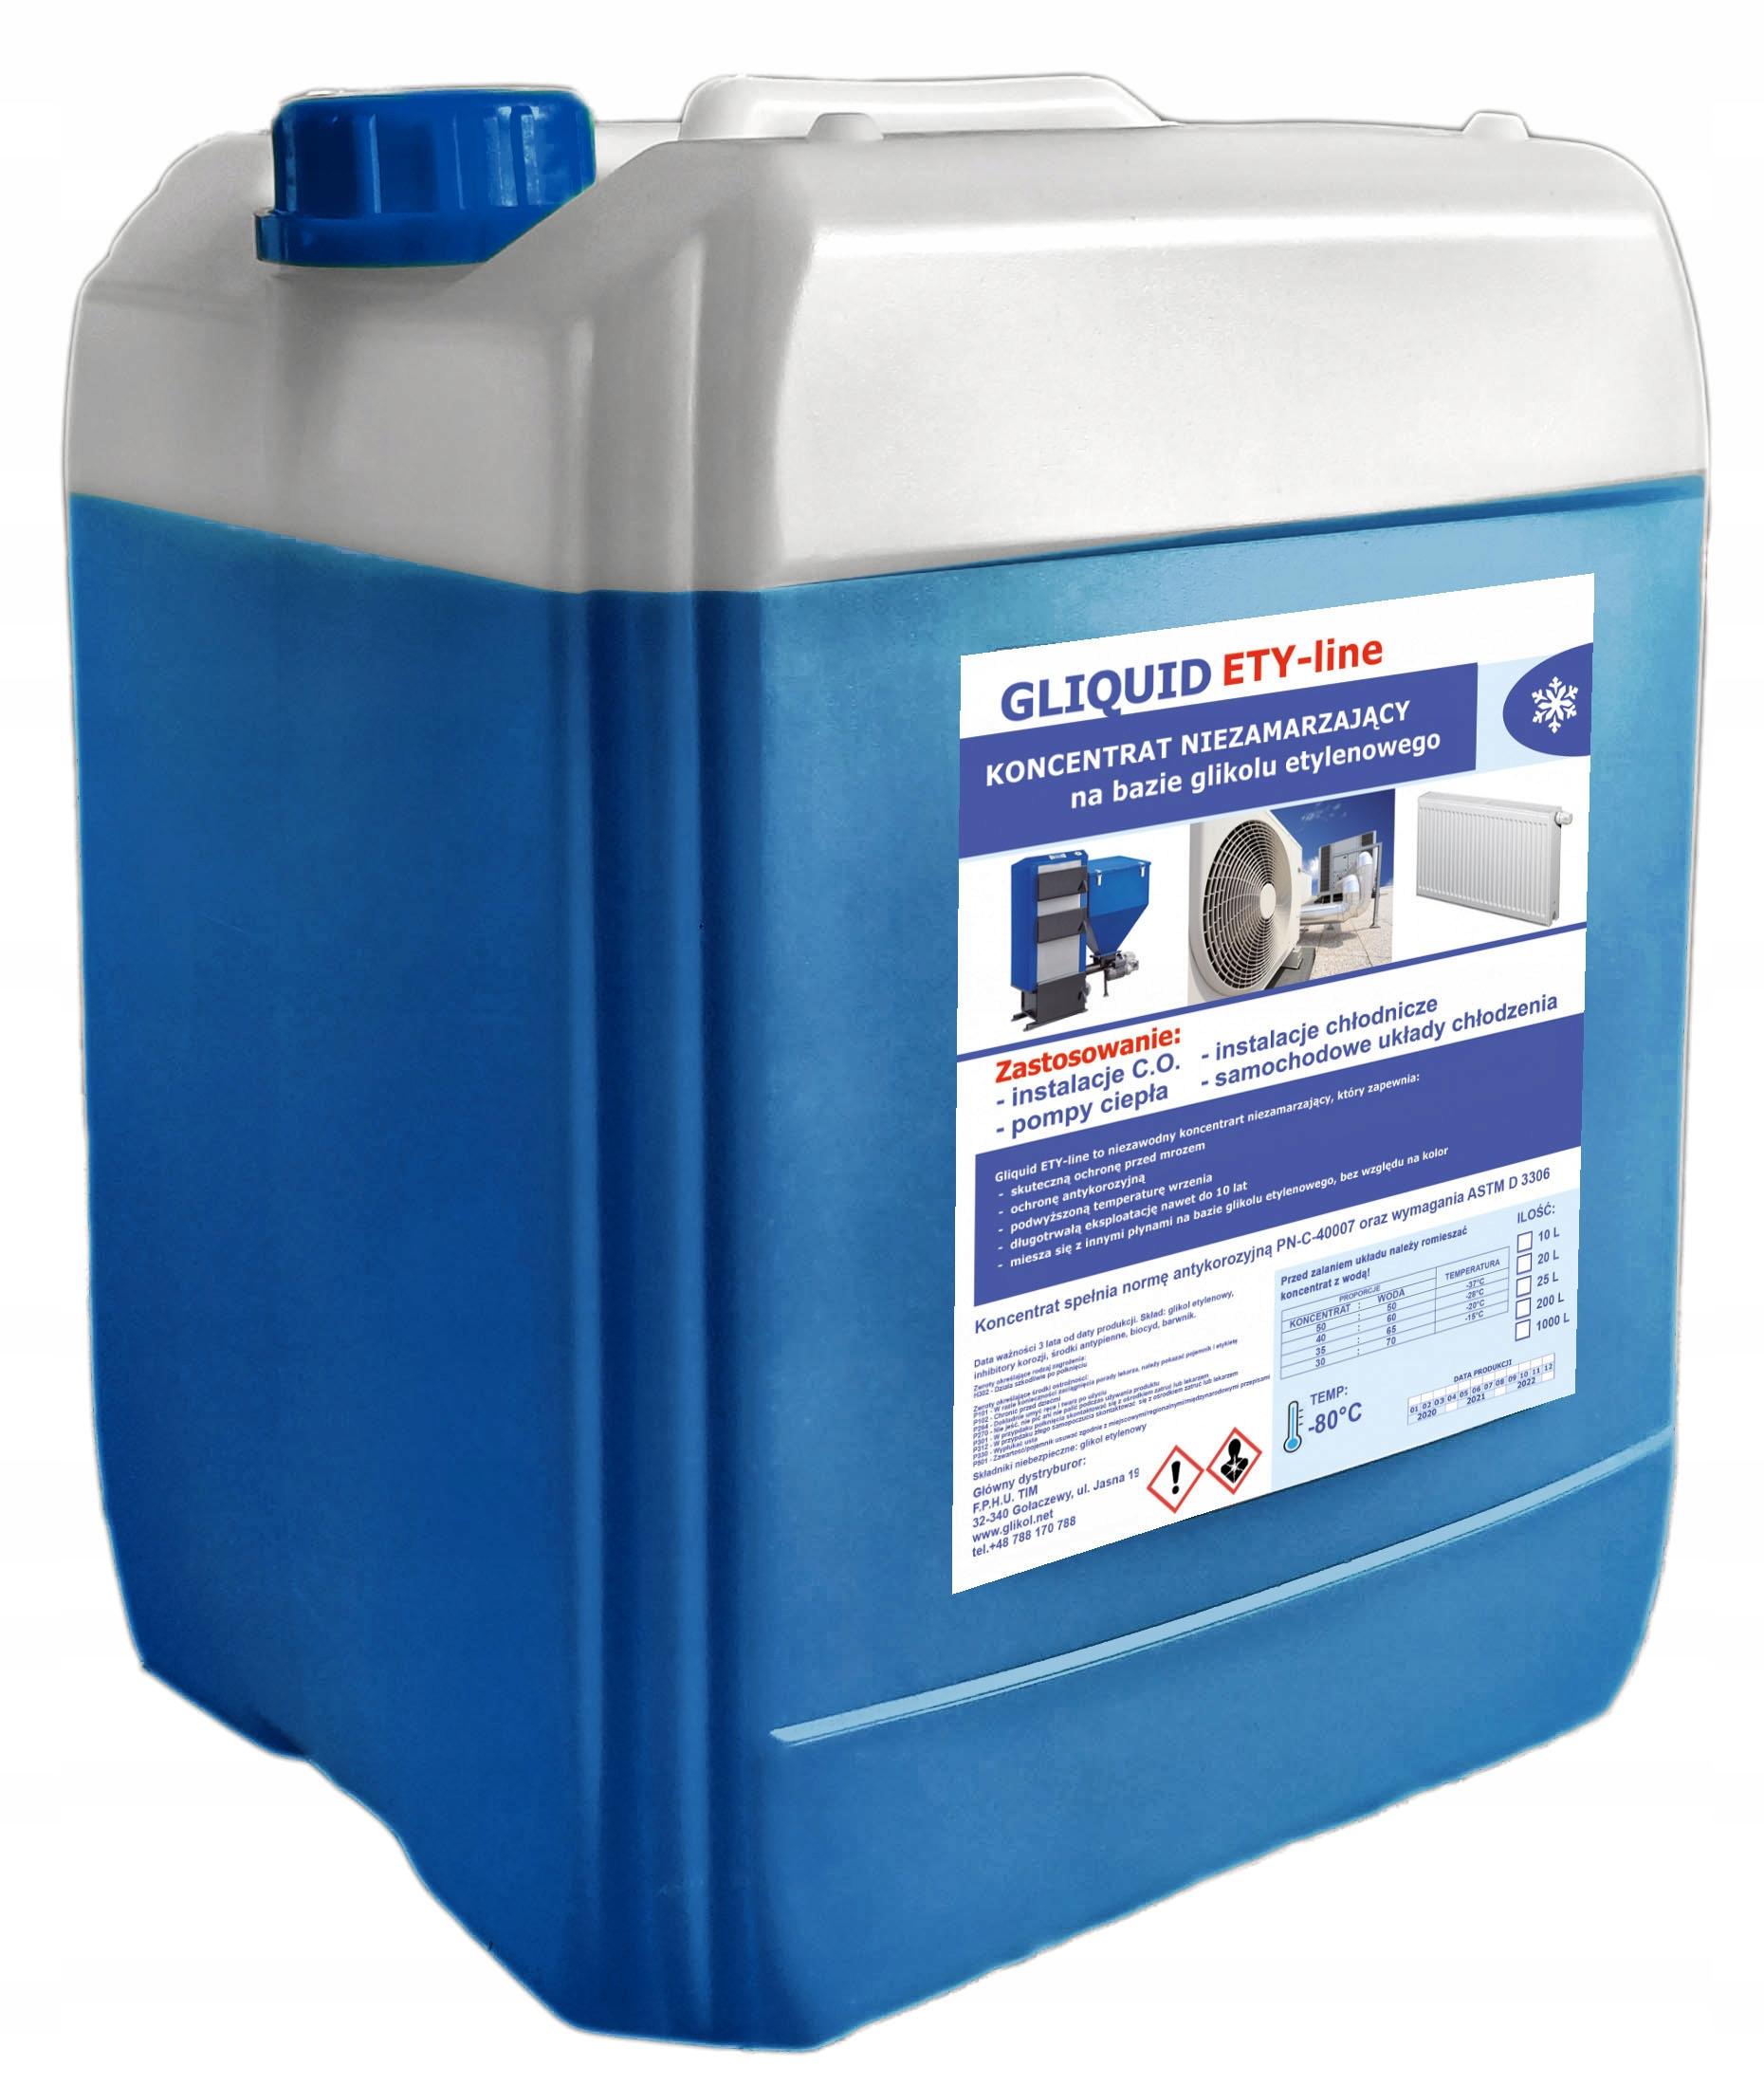 Koncentrat glikol etylenowy Gliquid -80°C 20L